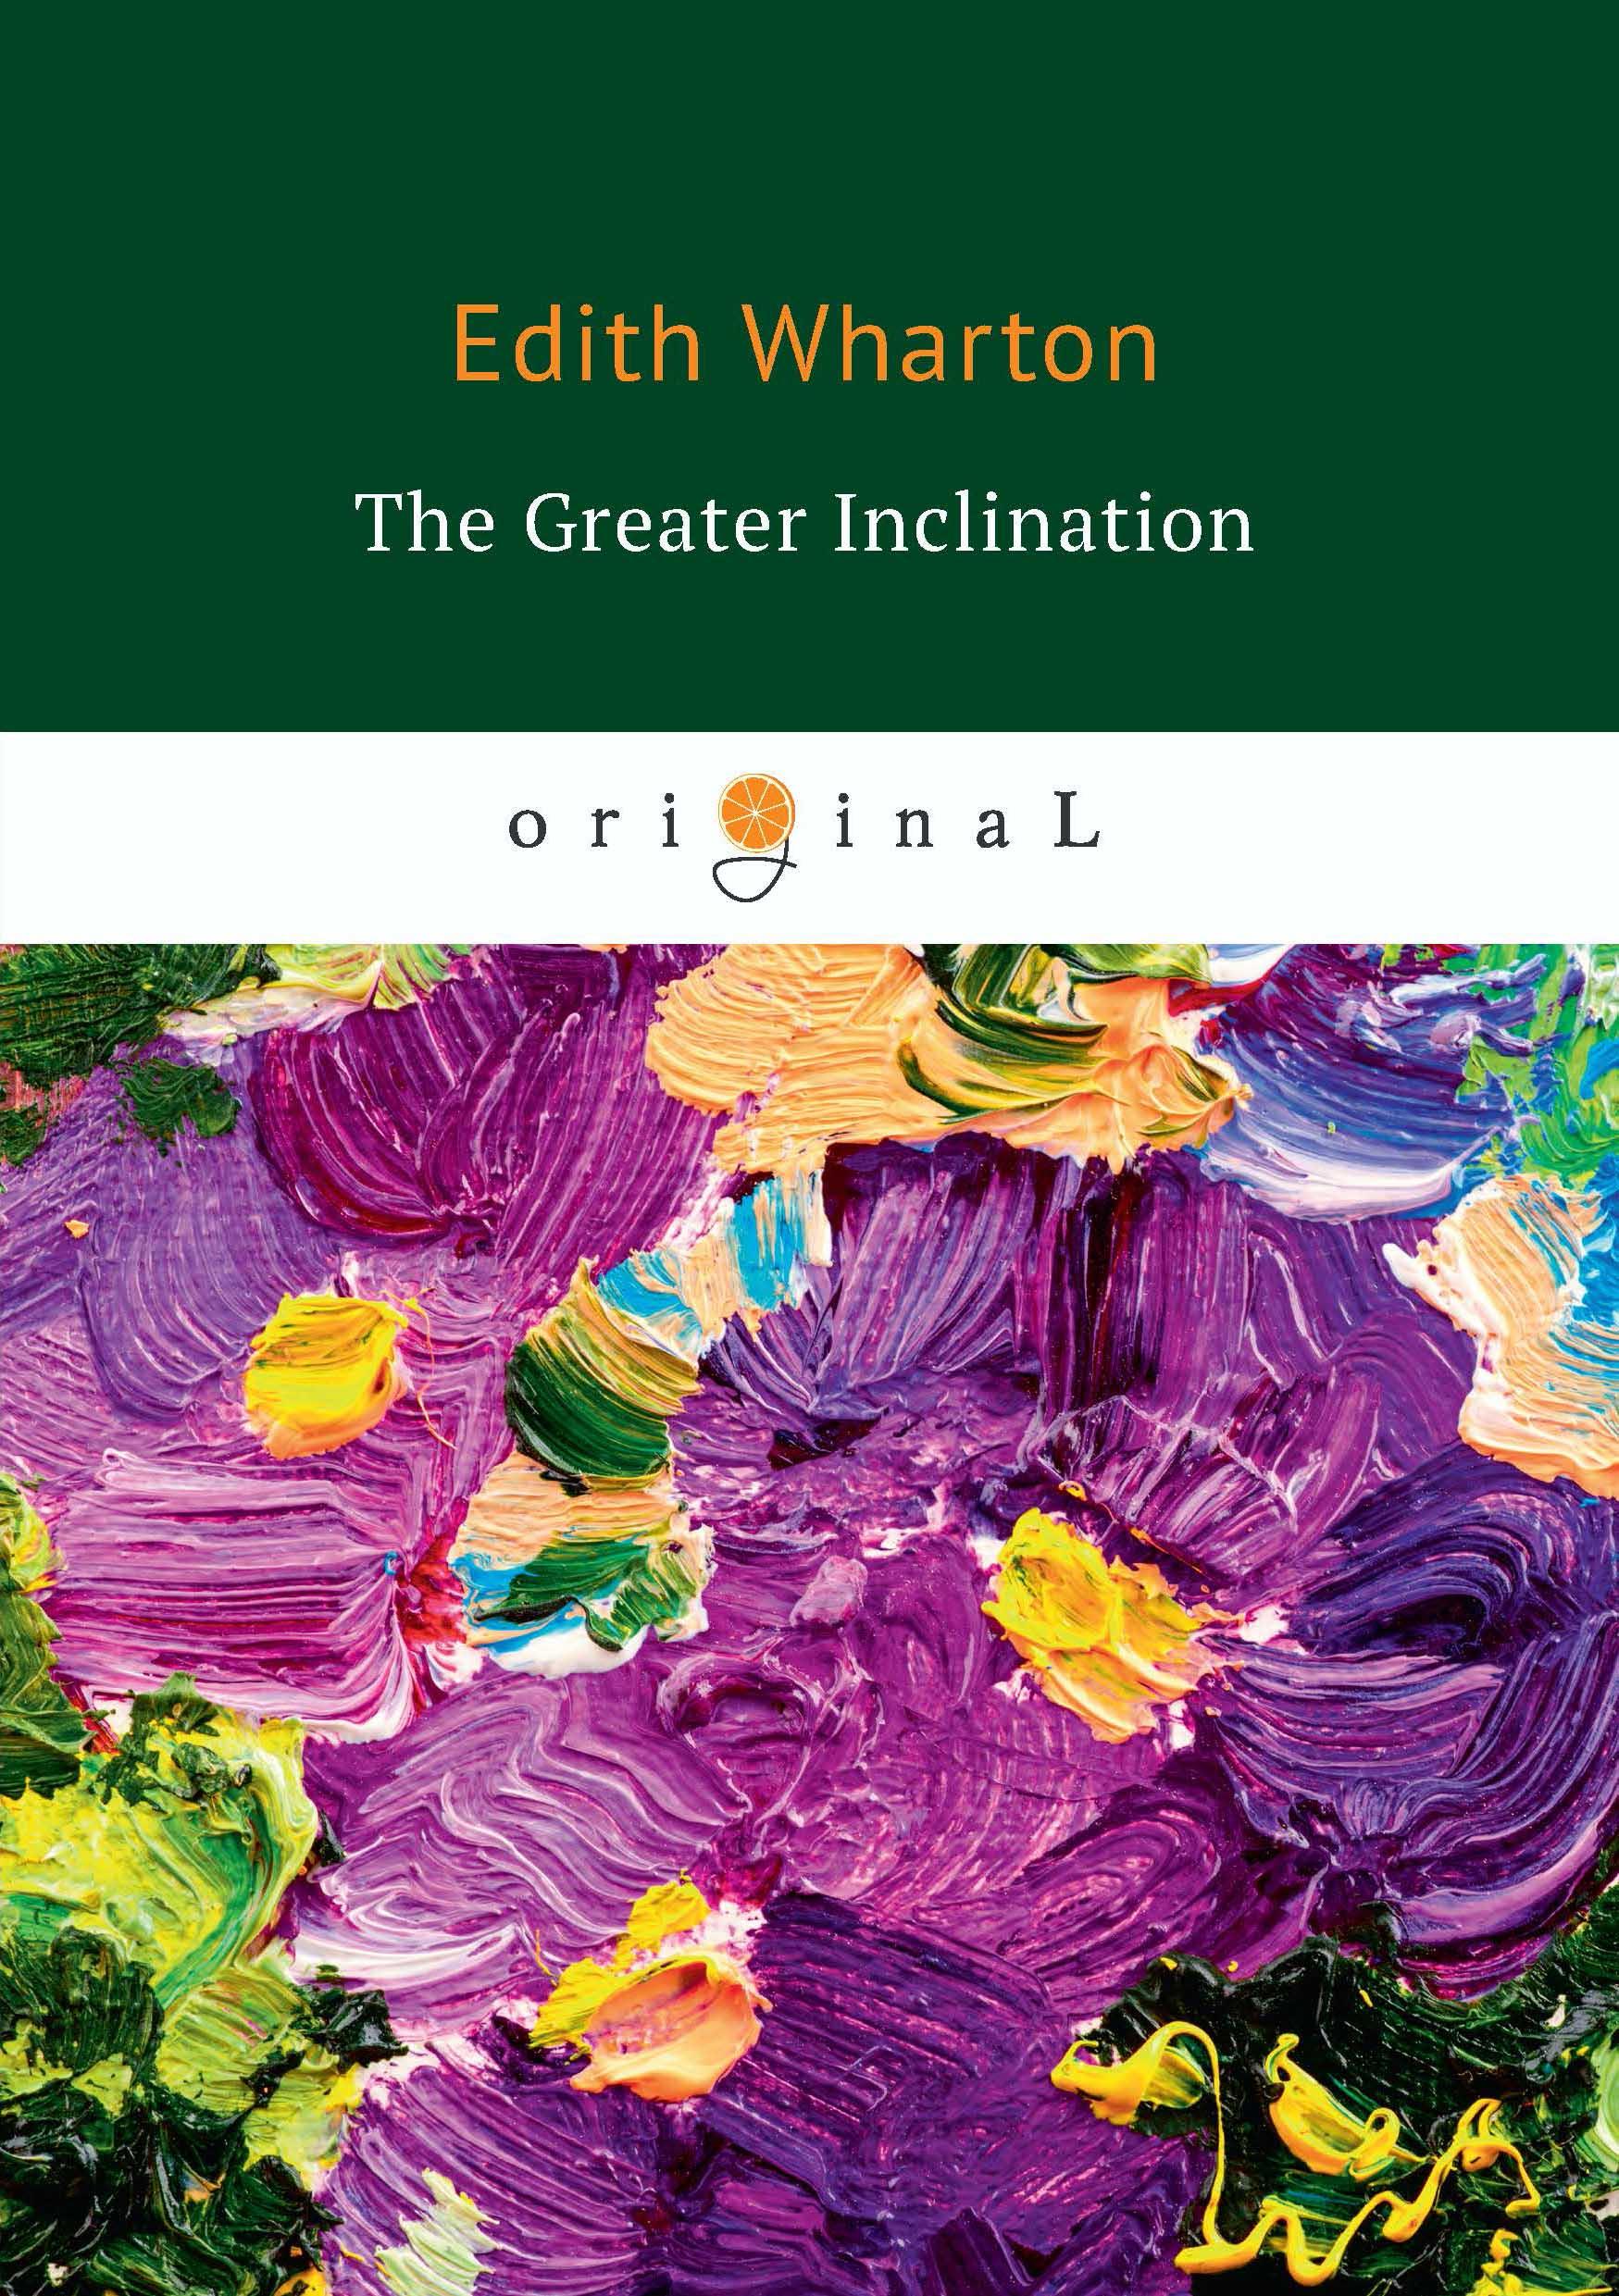 лучшая цена E. Wharton The Greater Inclination